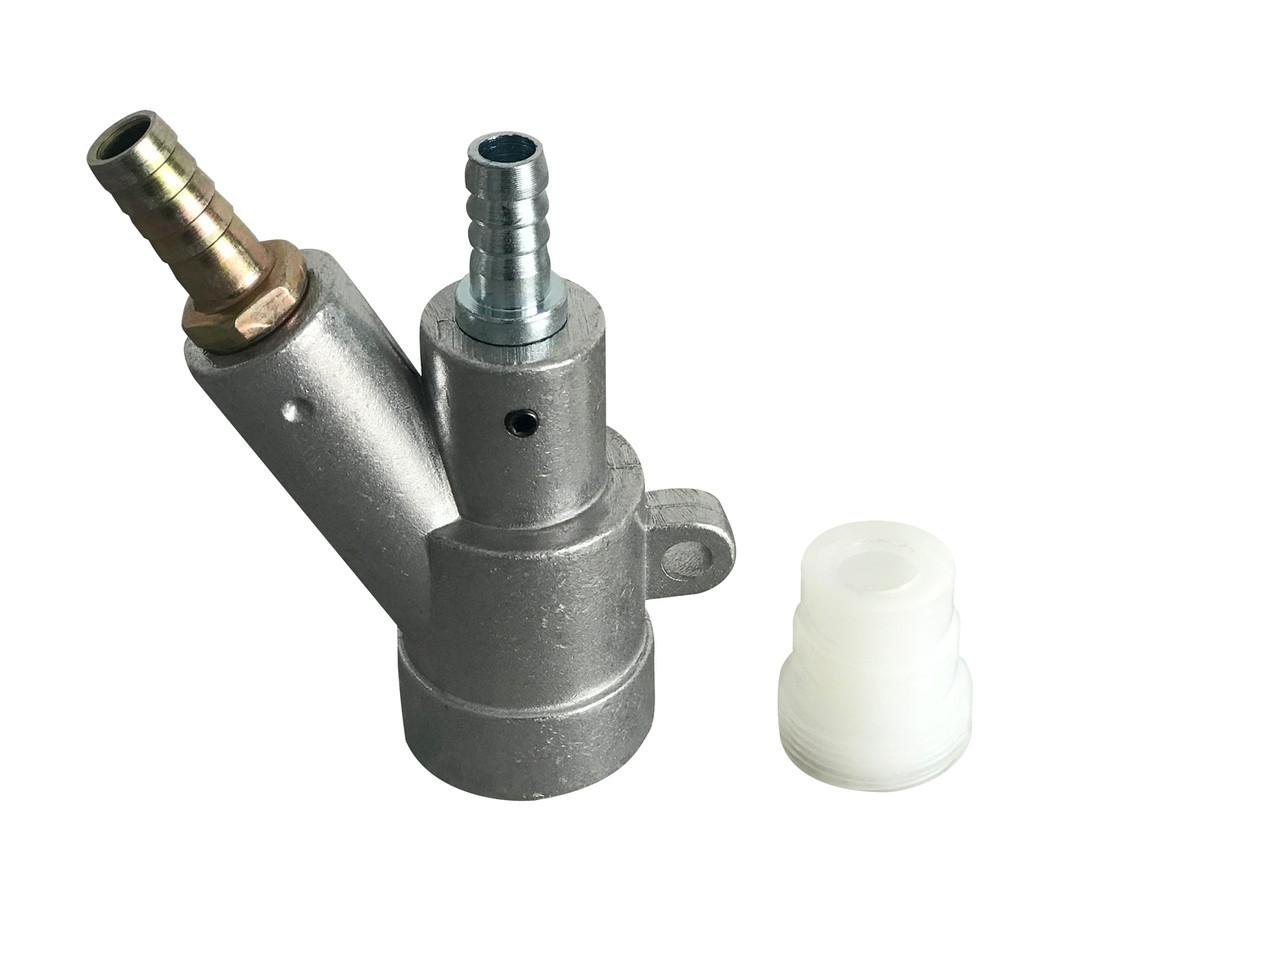 Пескоструйный пистолет-смеситель Boro (для сопел из карбид бора). Инжекторного типа.